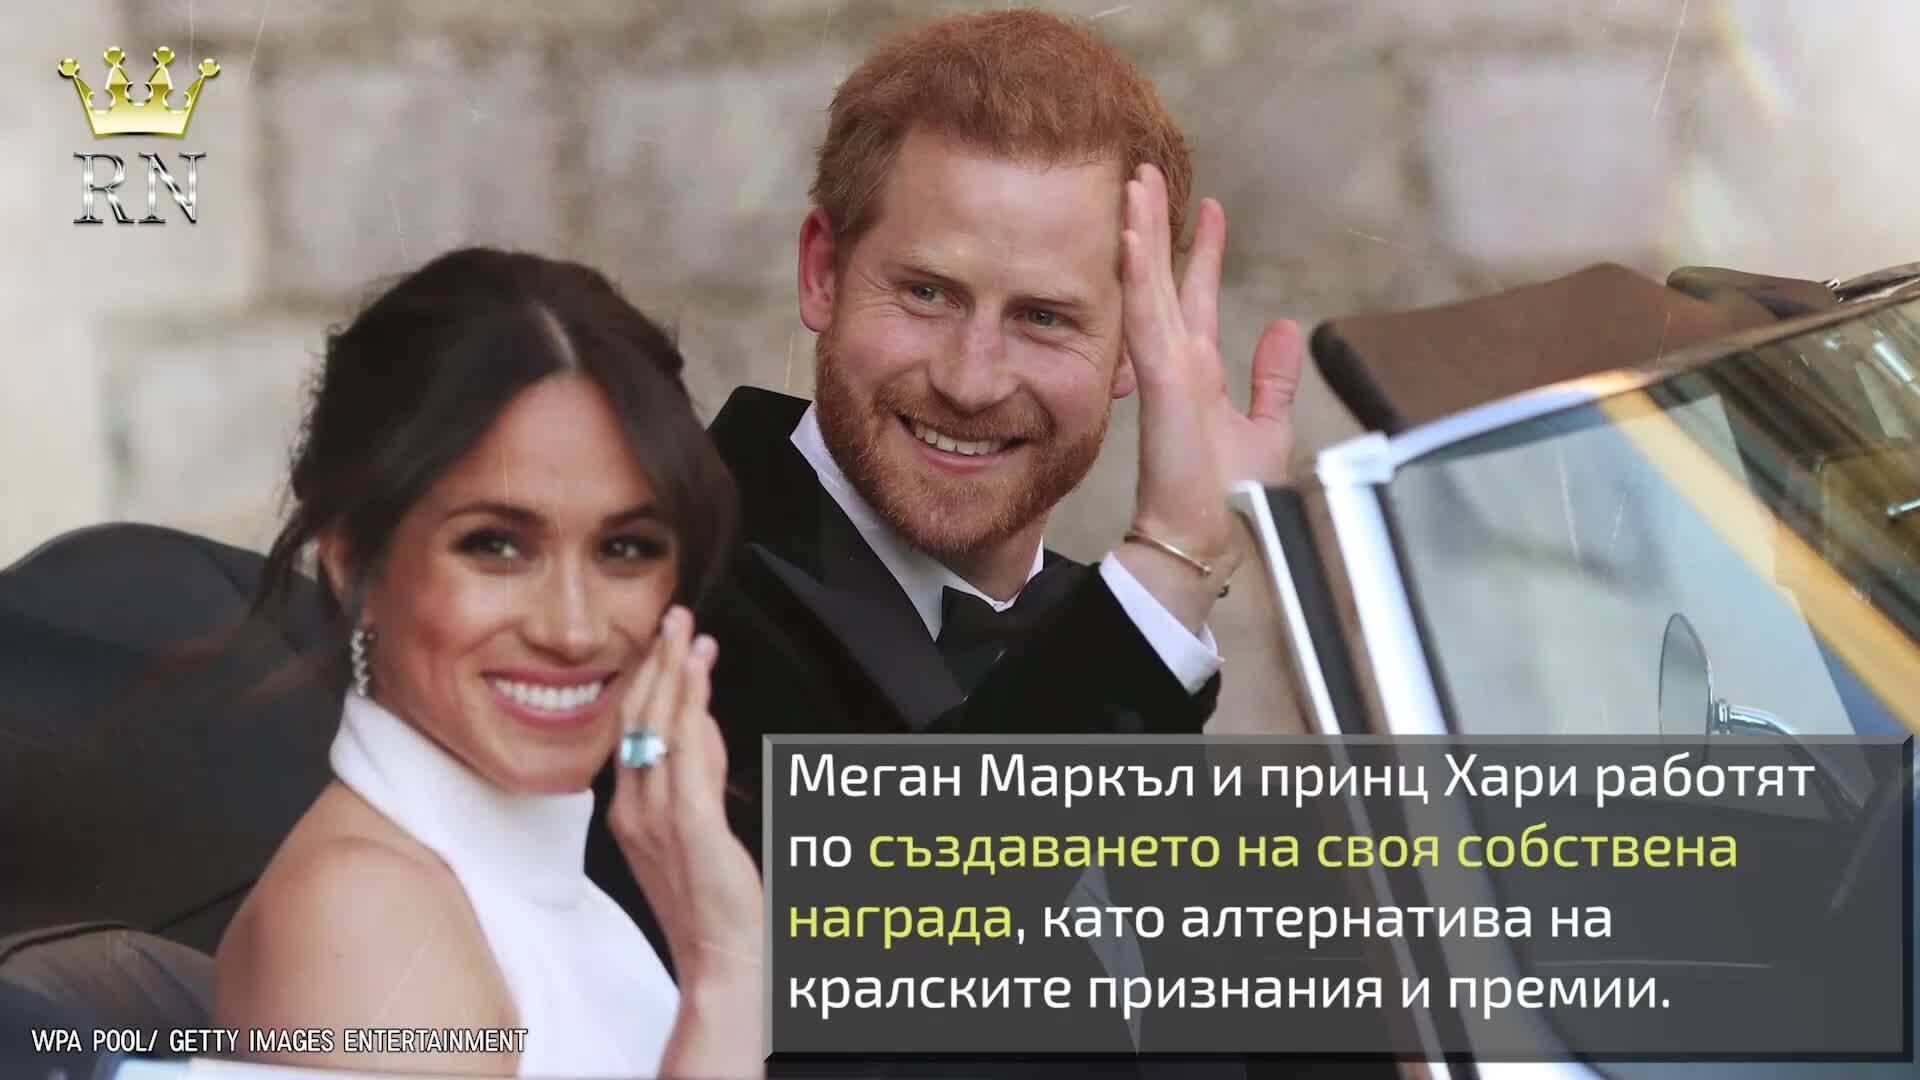 Меган Маркъл и принц Хари създават своя собствена награда